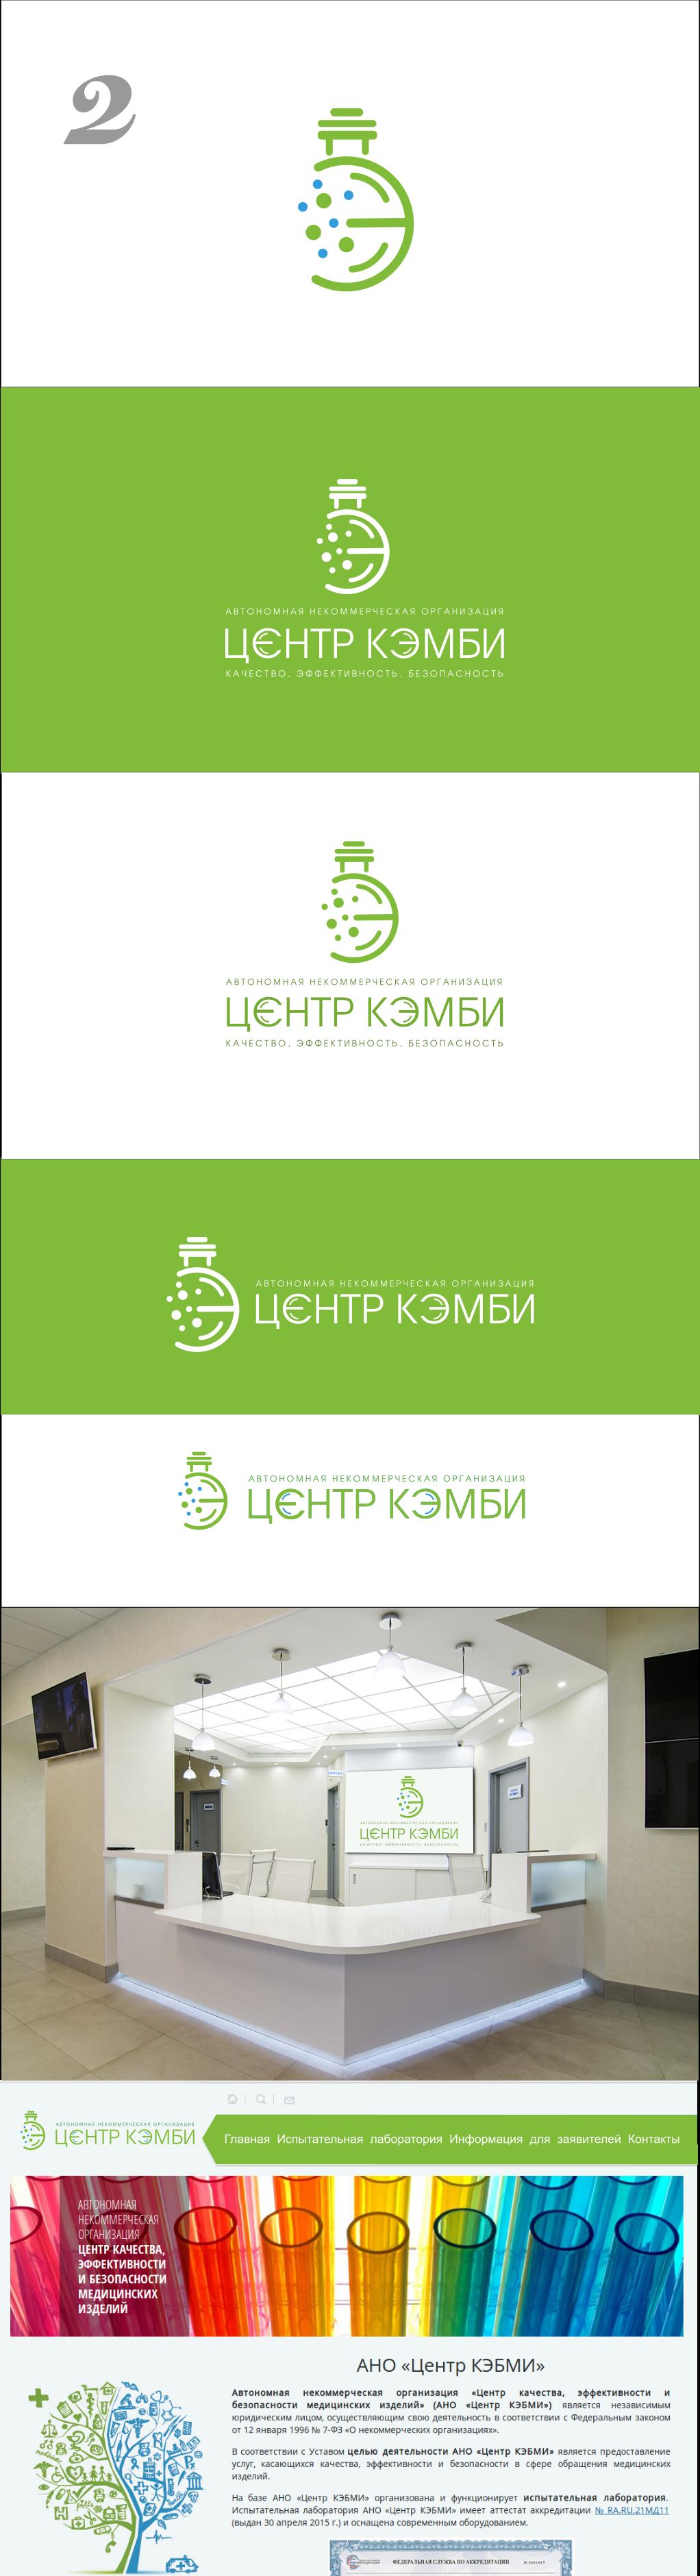 Редизайн логотипа АНО Центр КЭБМИ - BREVIS фото f_9865b1fa88aefd13.png